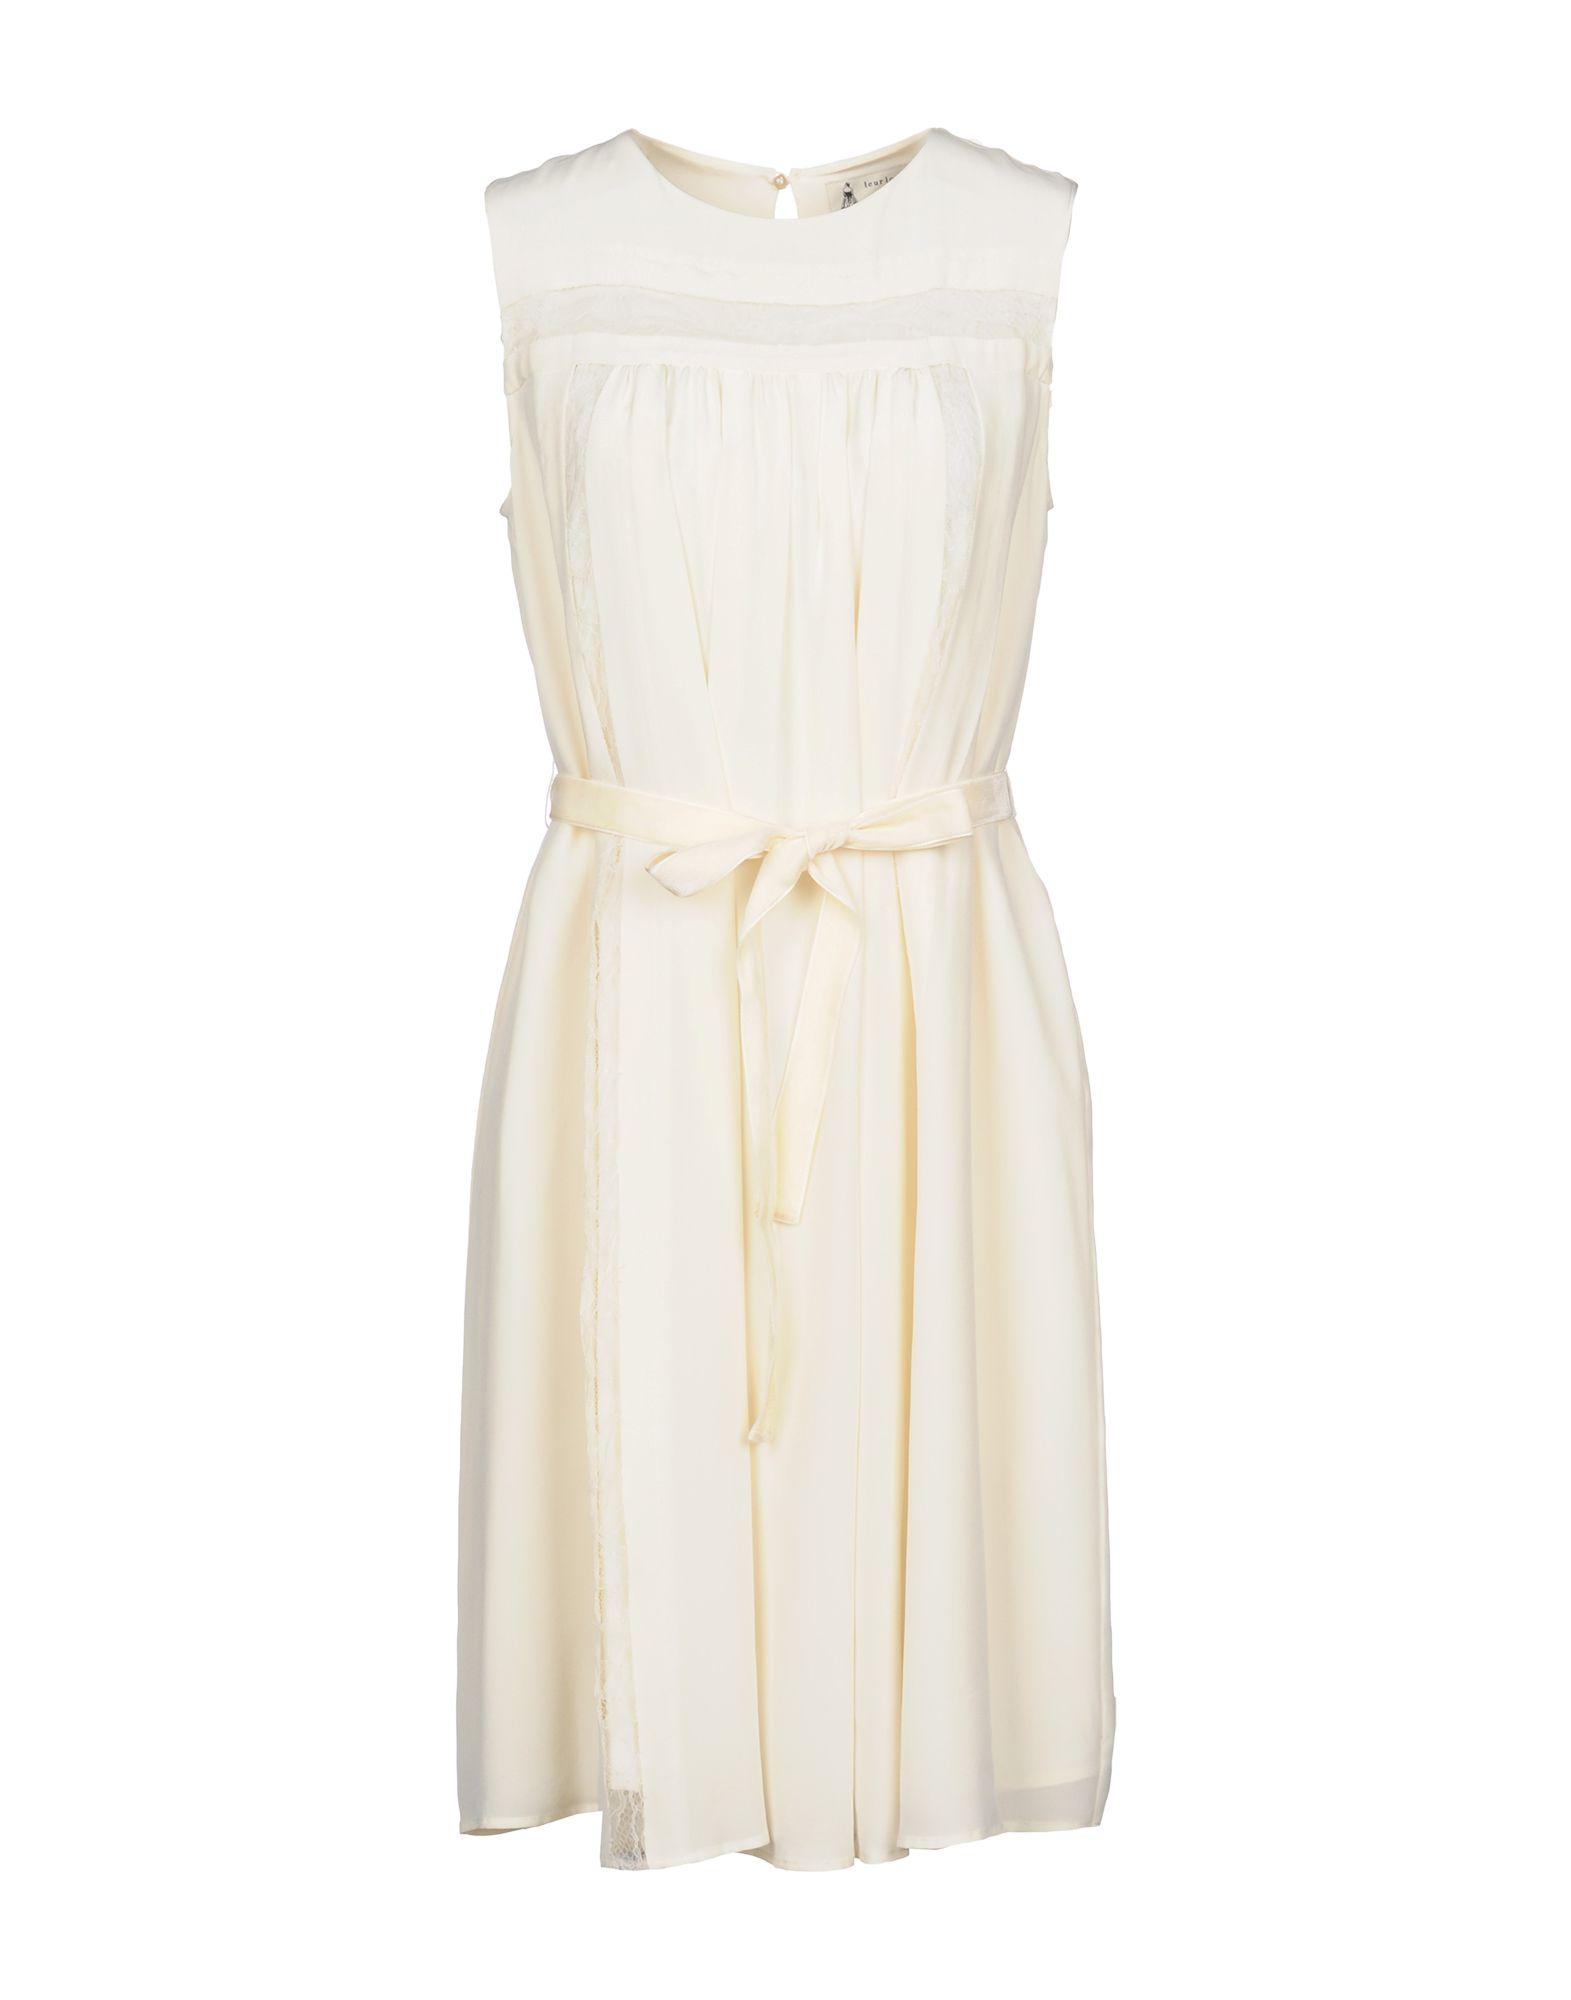 LEUR LOGETTE Short Dress in Ivory